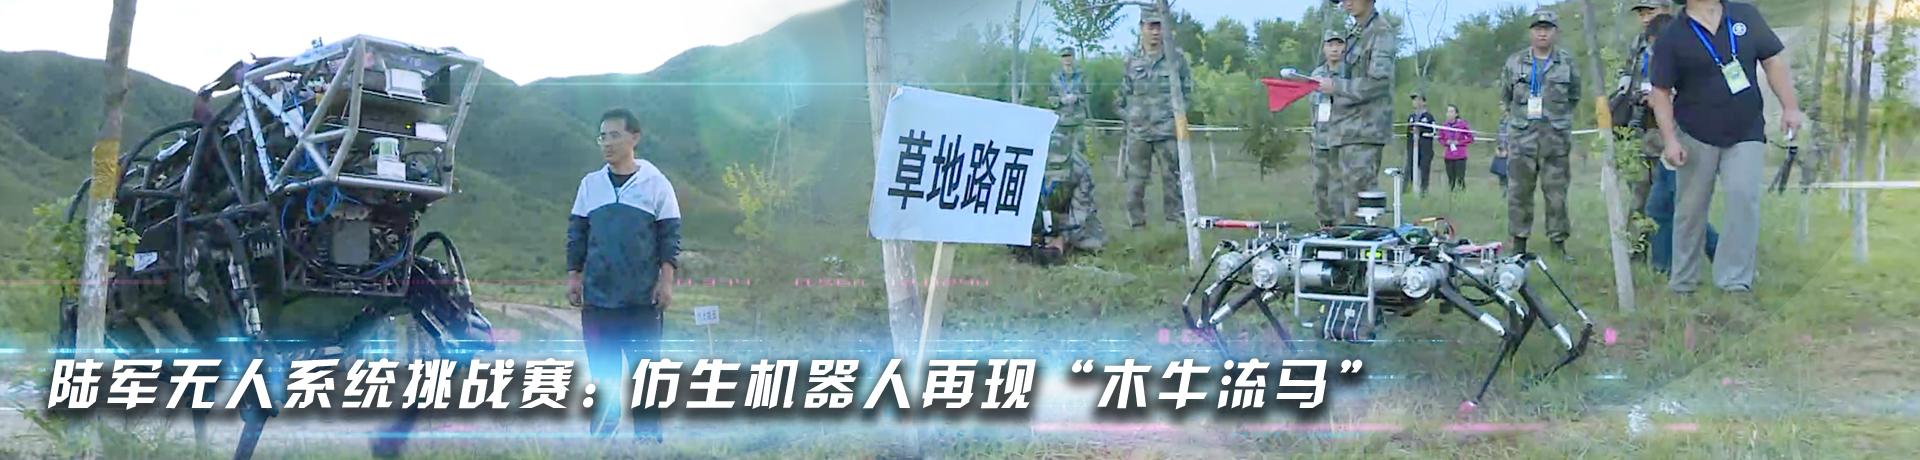 """陆军无人系统挑战赛:仿生机器人再现""""木牛流马"""""""